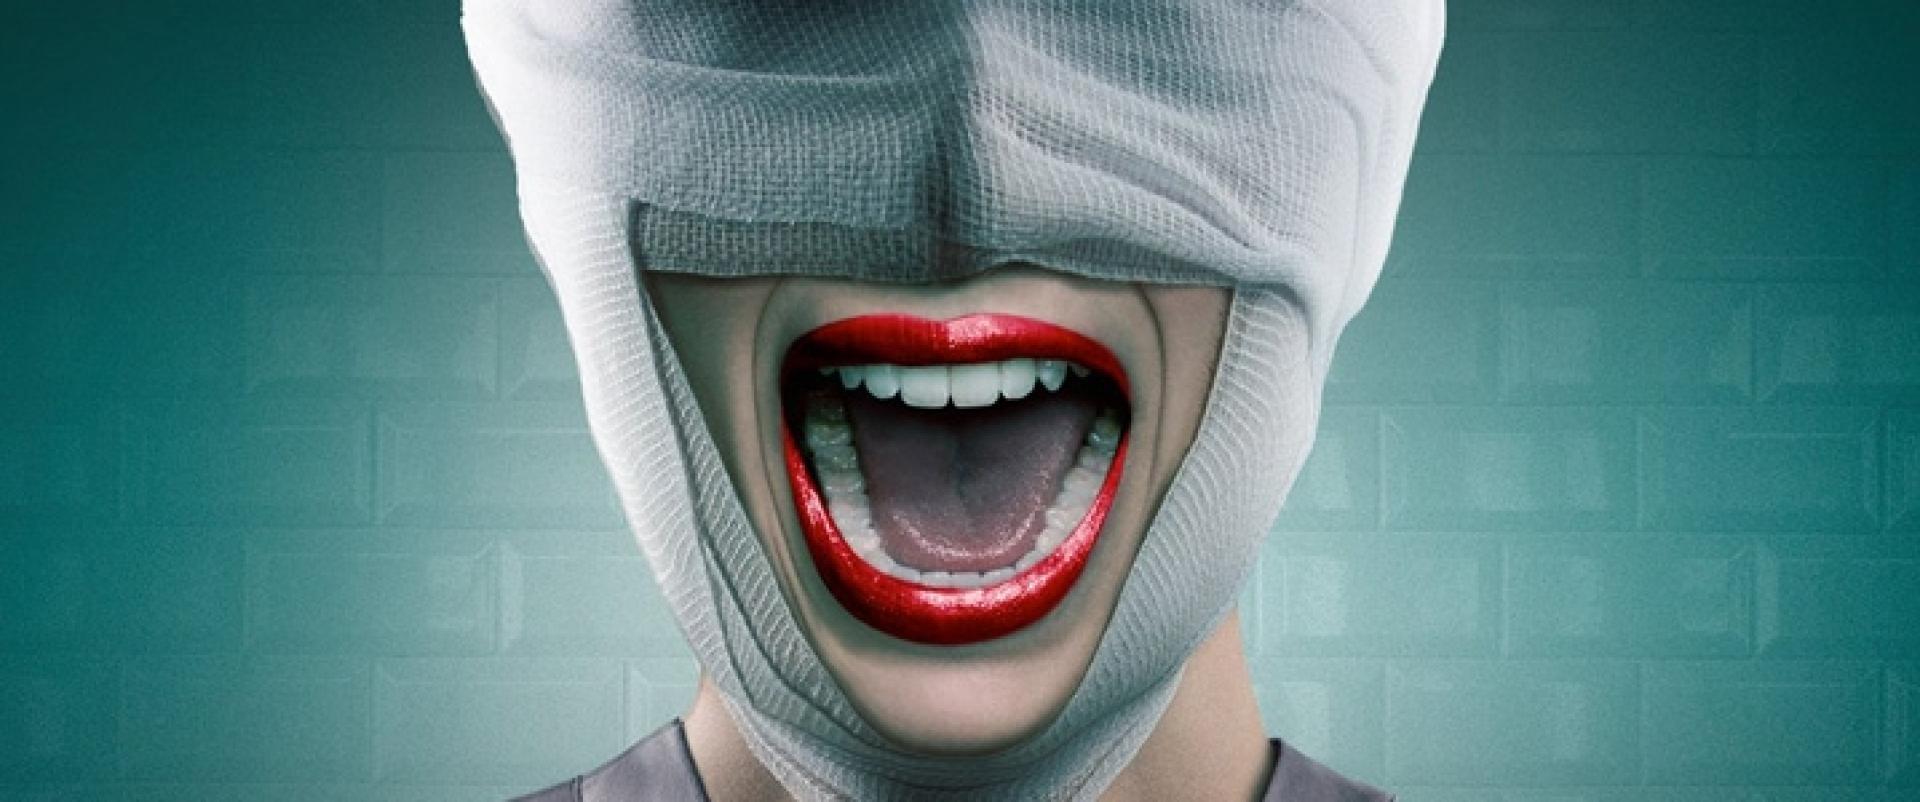 Scream Queens 2x05